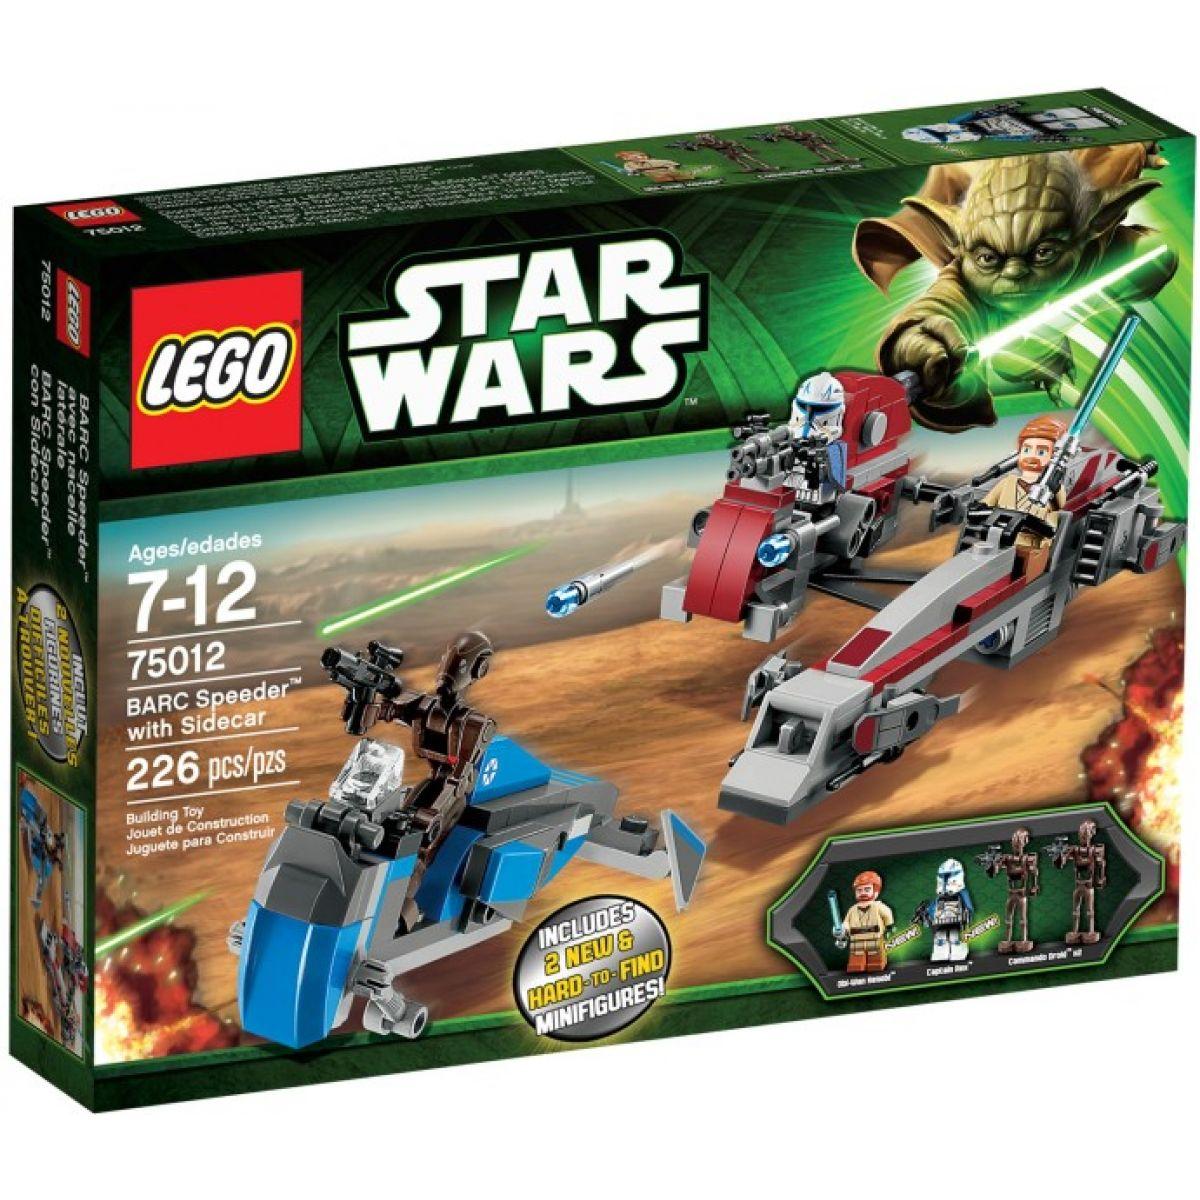 LEGO Star Wars 75012 Barc Speeder